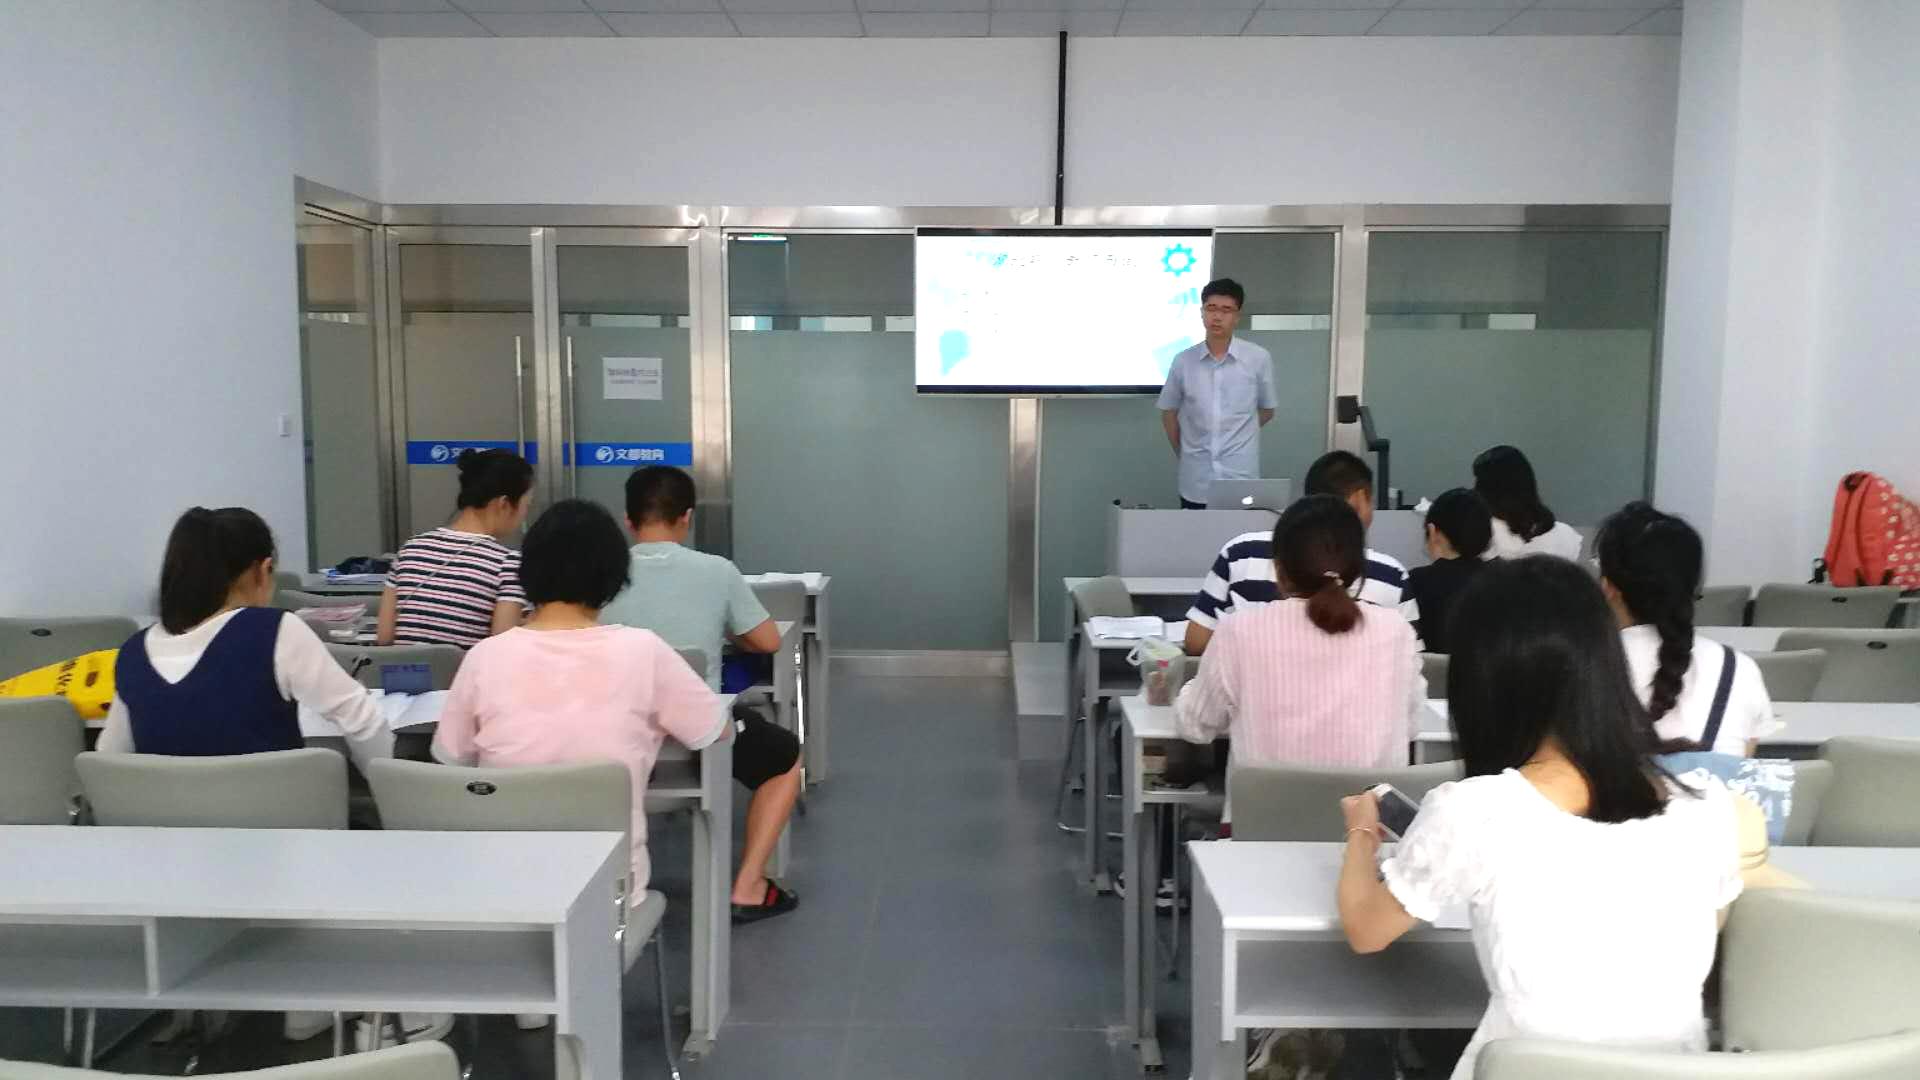 2018年湖北教招荆州地区课堂展示